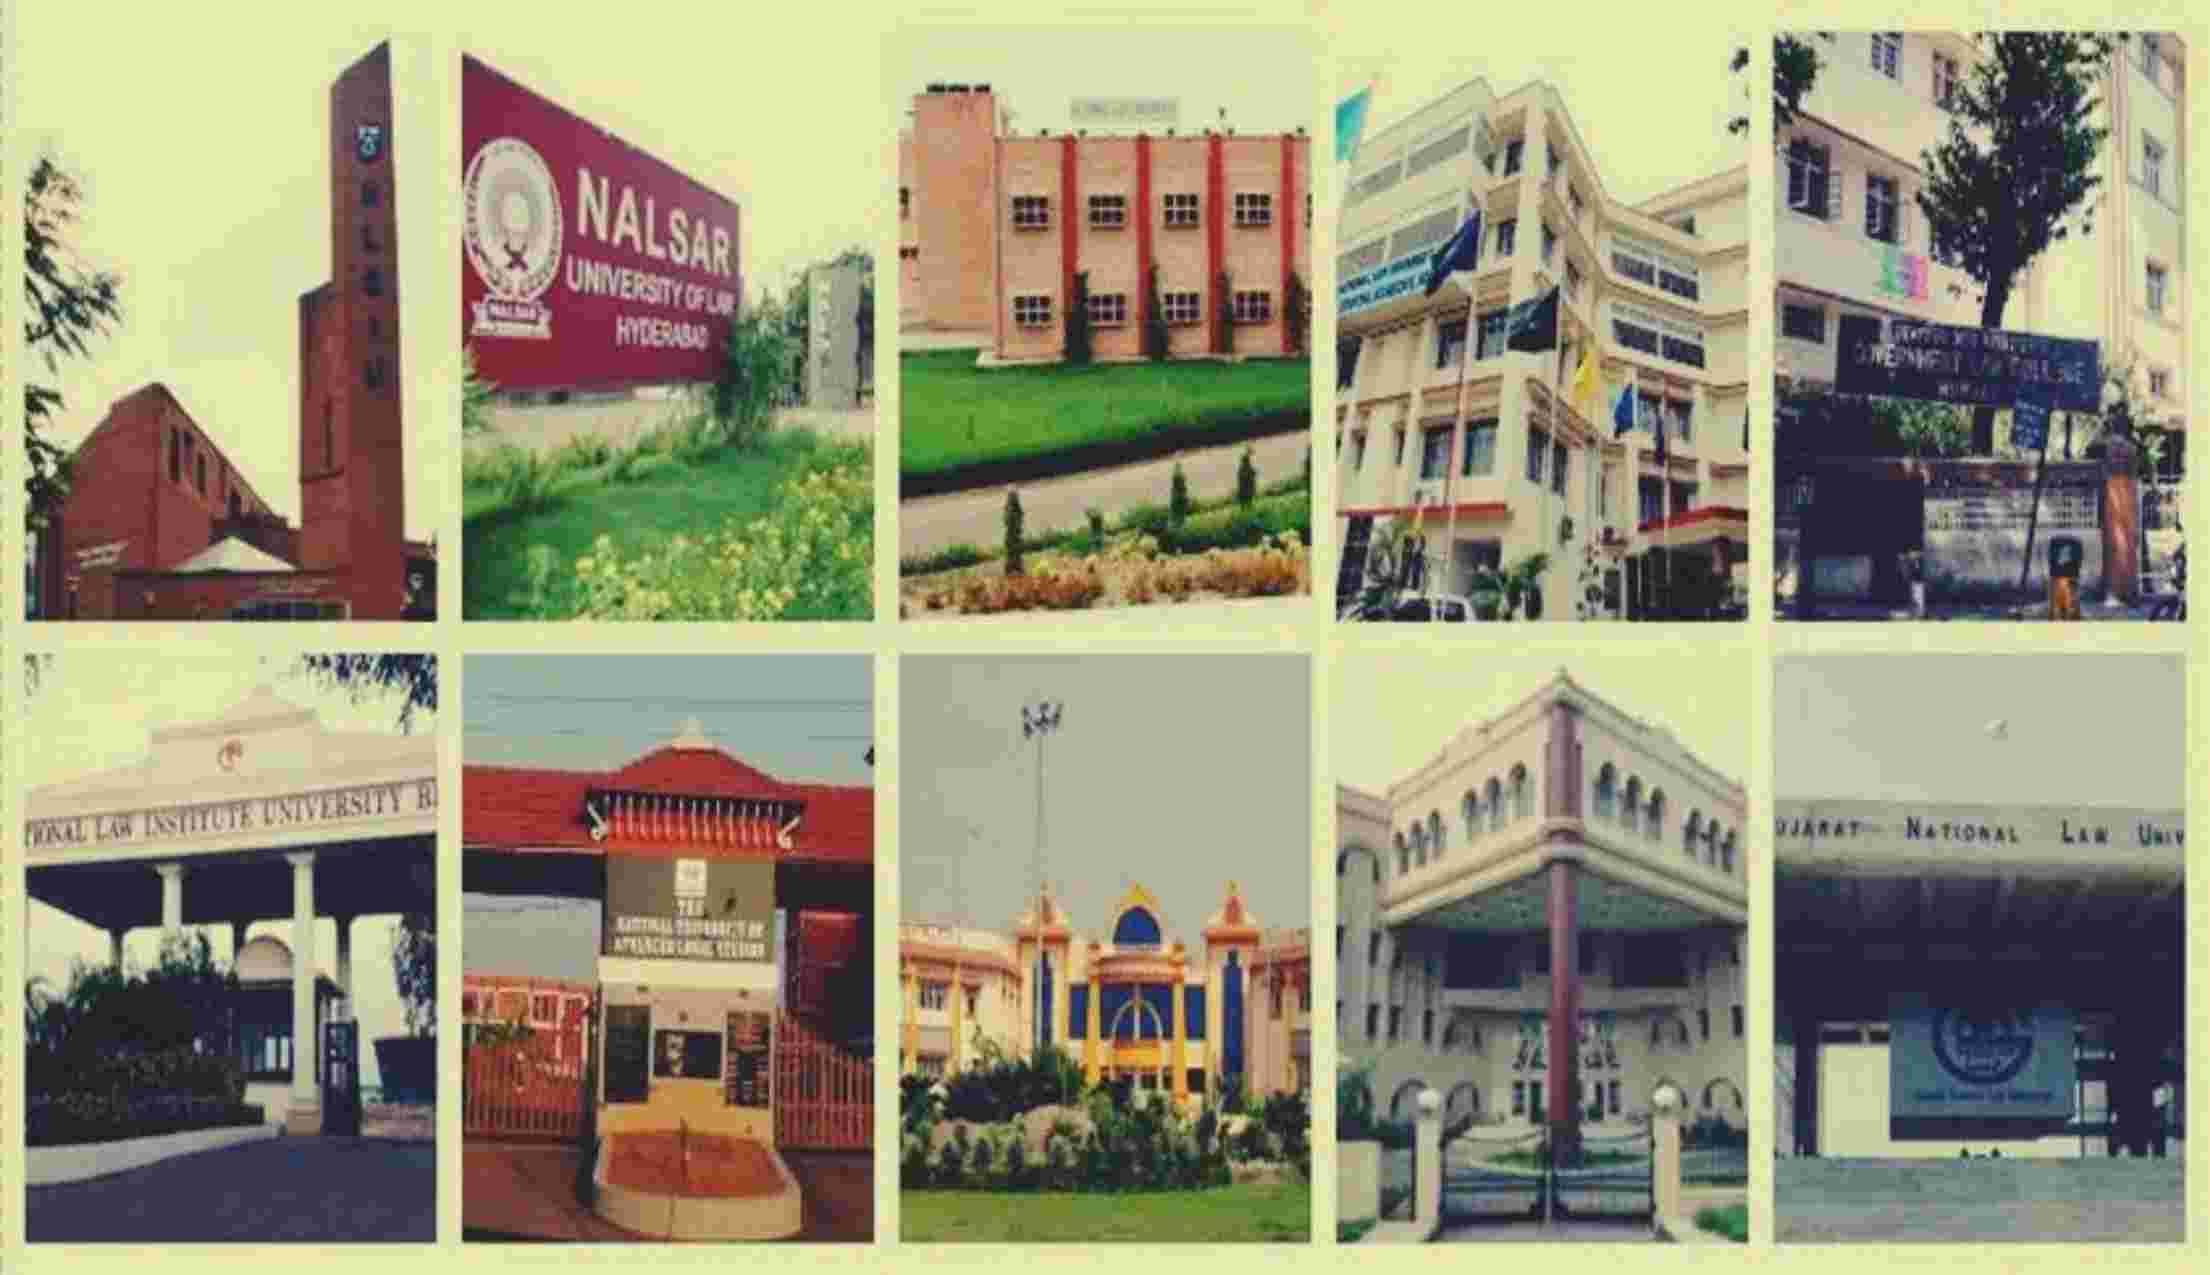 कानून के छात्रों के लिए इंटर्नशिप की व्यवस्था बार काउंसिल और लॉ स्कूलों द्वारा की जायेगी : दिल्ली हाईकोर्ट